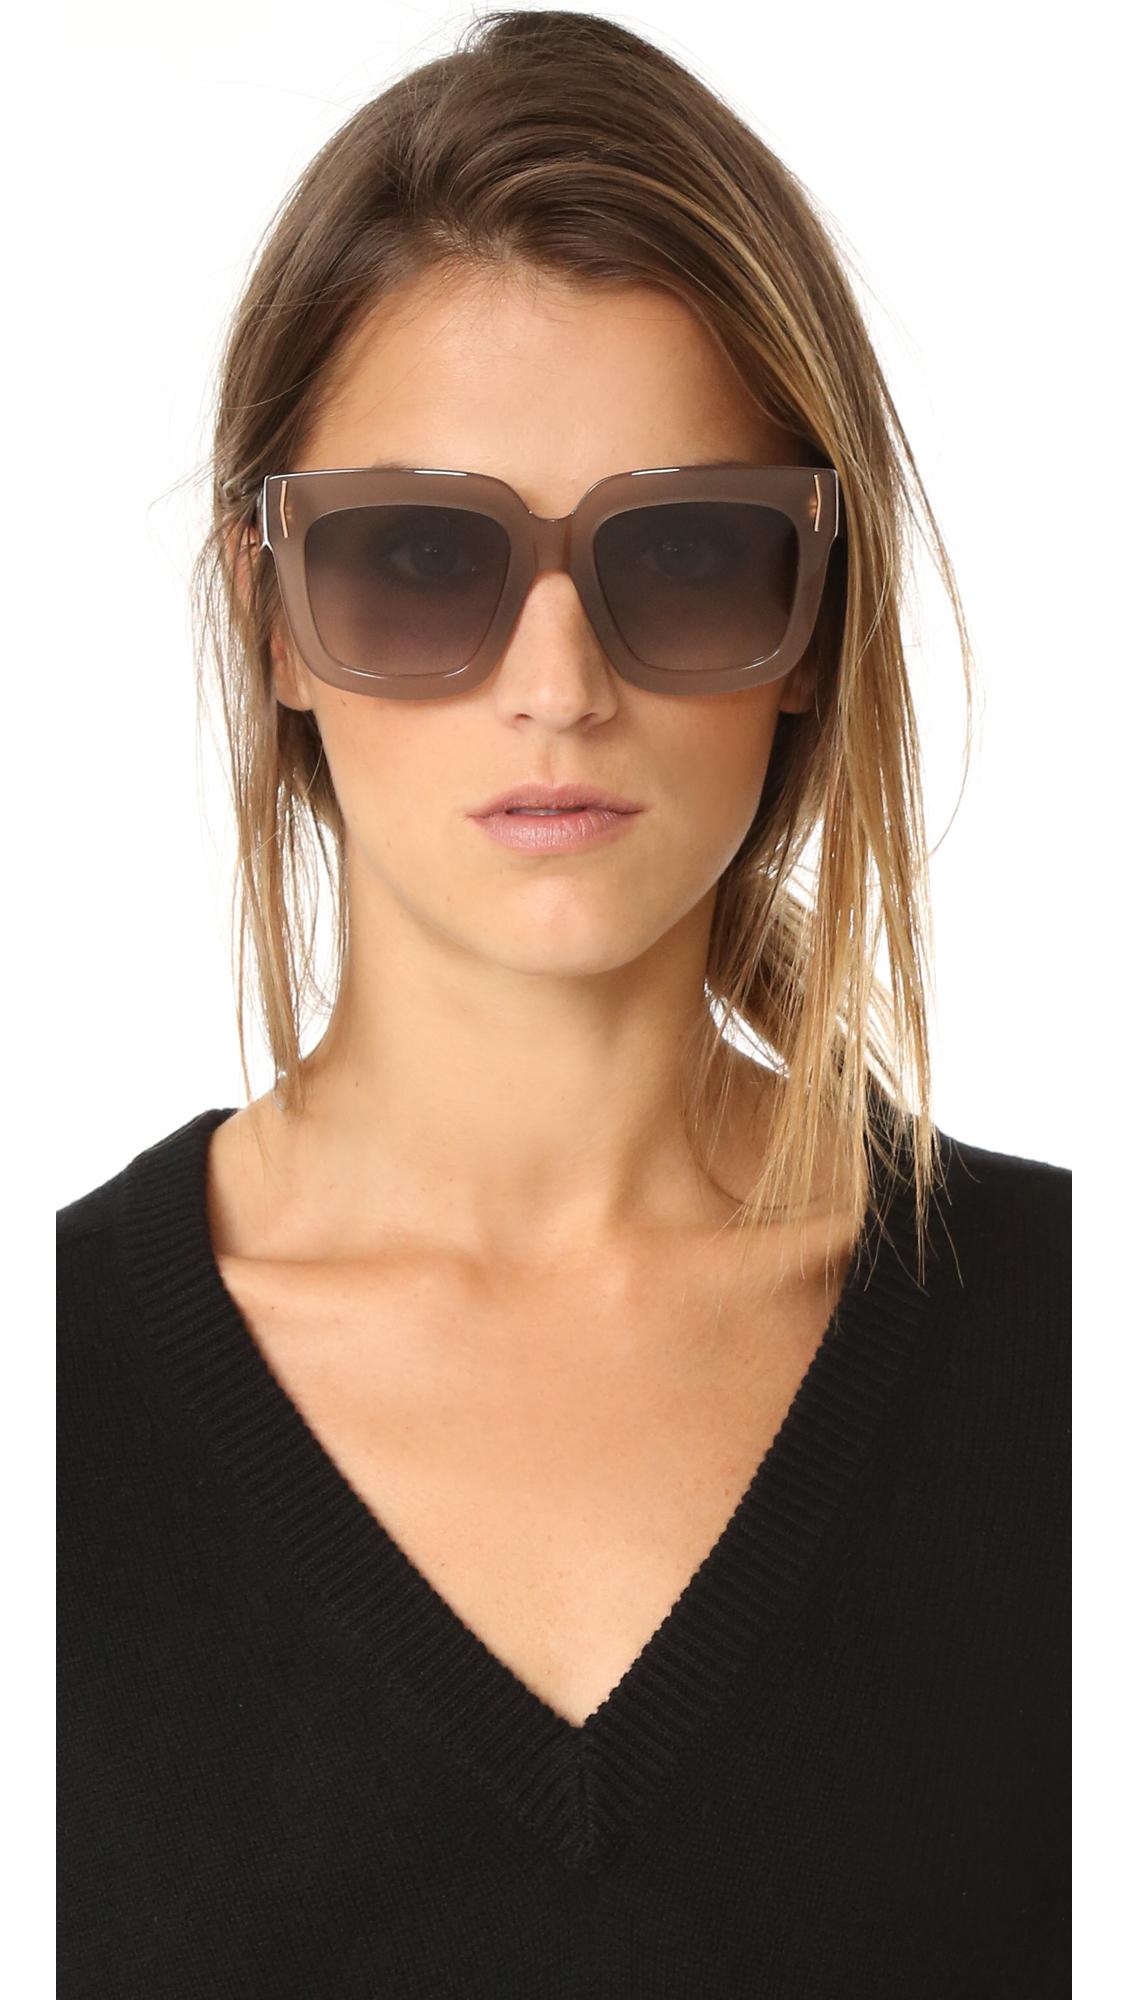 Givenchy SunglassesShopbop Square Square SunglassesShopbop Givenchy Square Square Givenchy Givenchy SunglassesShopbop SunglassesShopbop Givenchy WH9EDI2Y